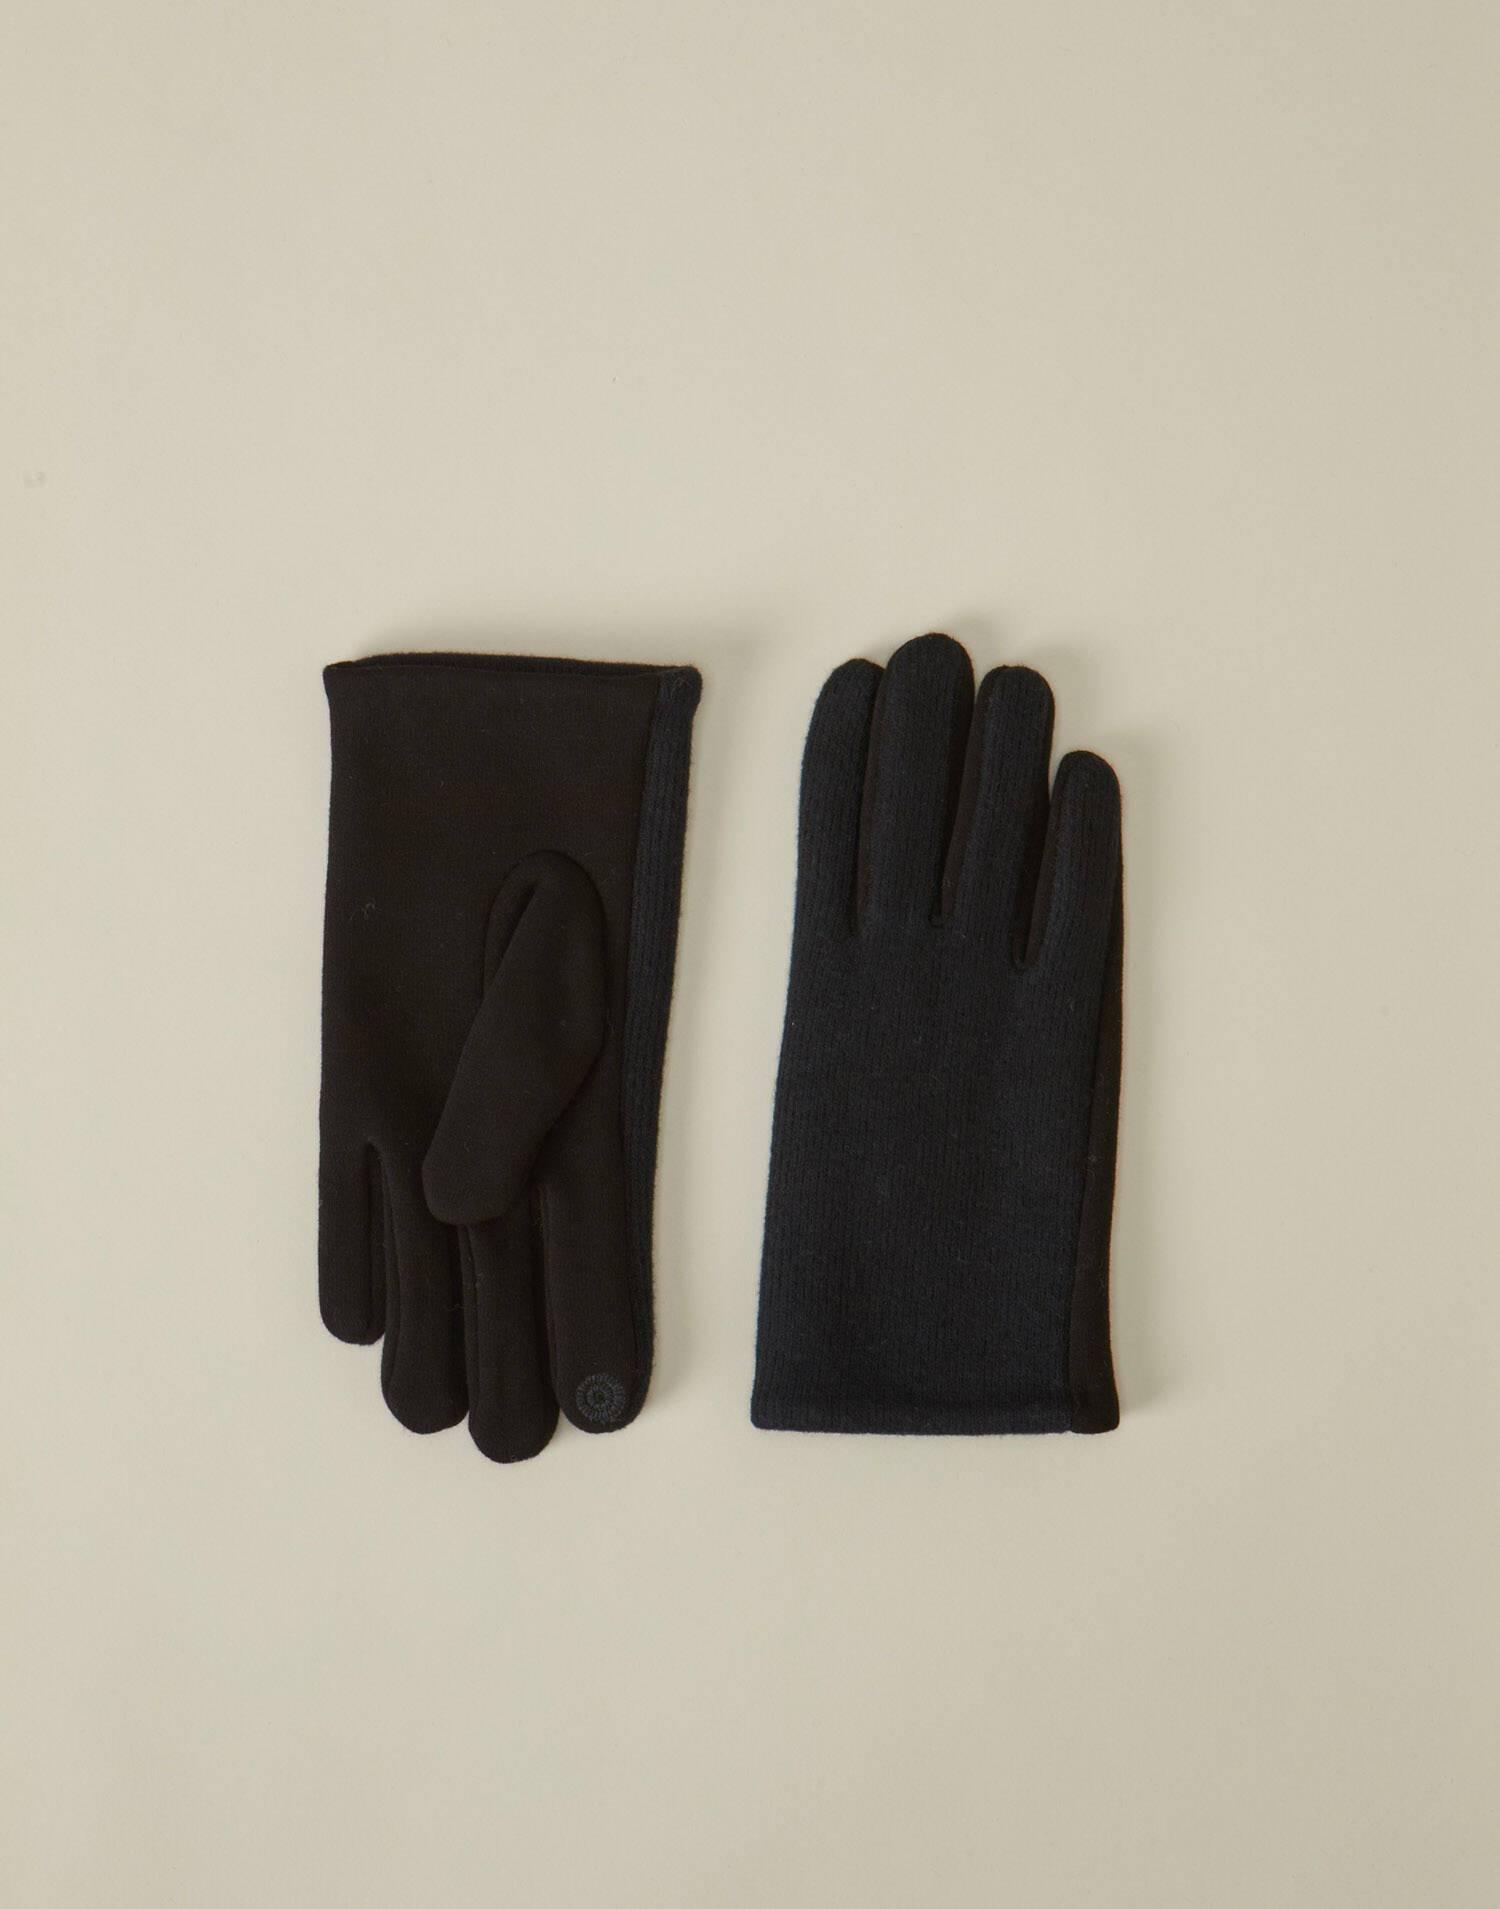 Guante hombre touch combinado lana